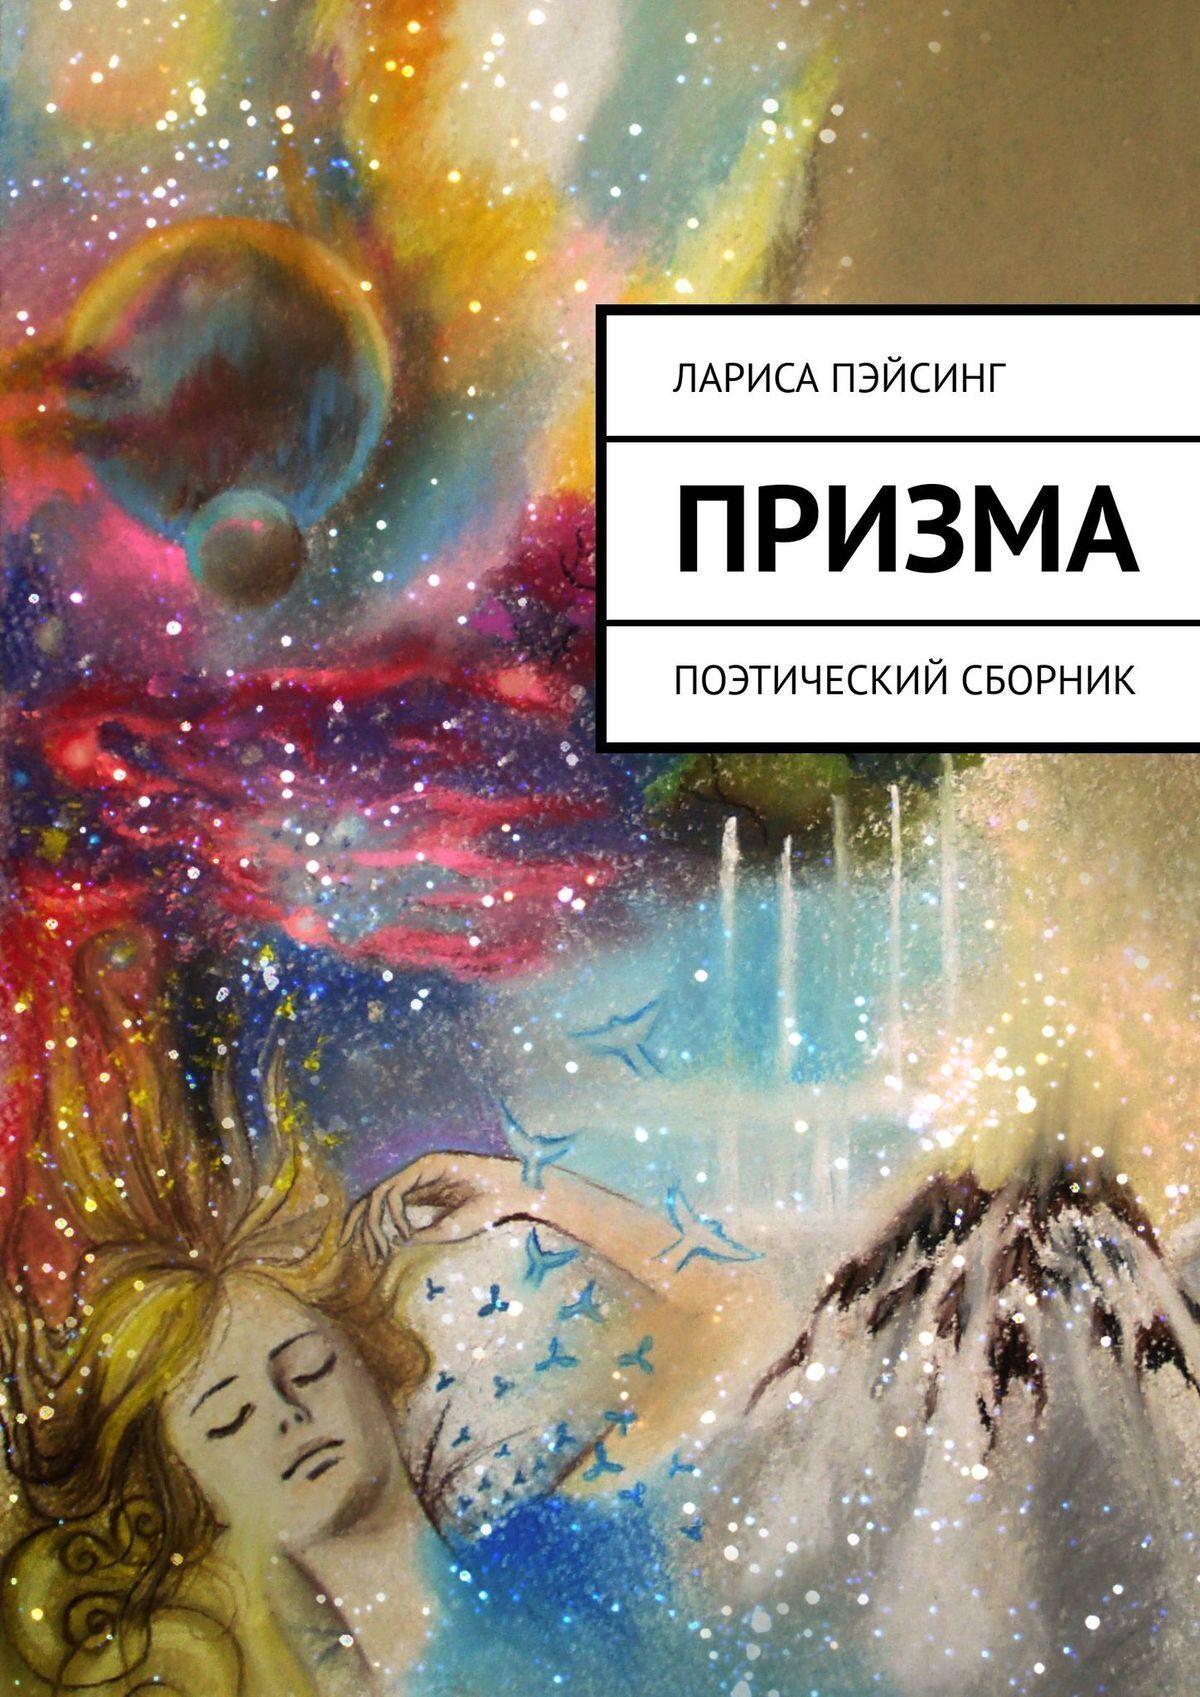 Лариса Пэйсинг - Призма. Поэтический сборник